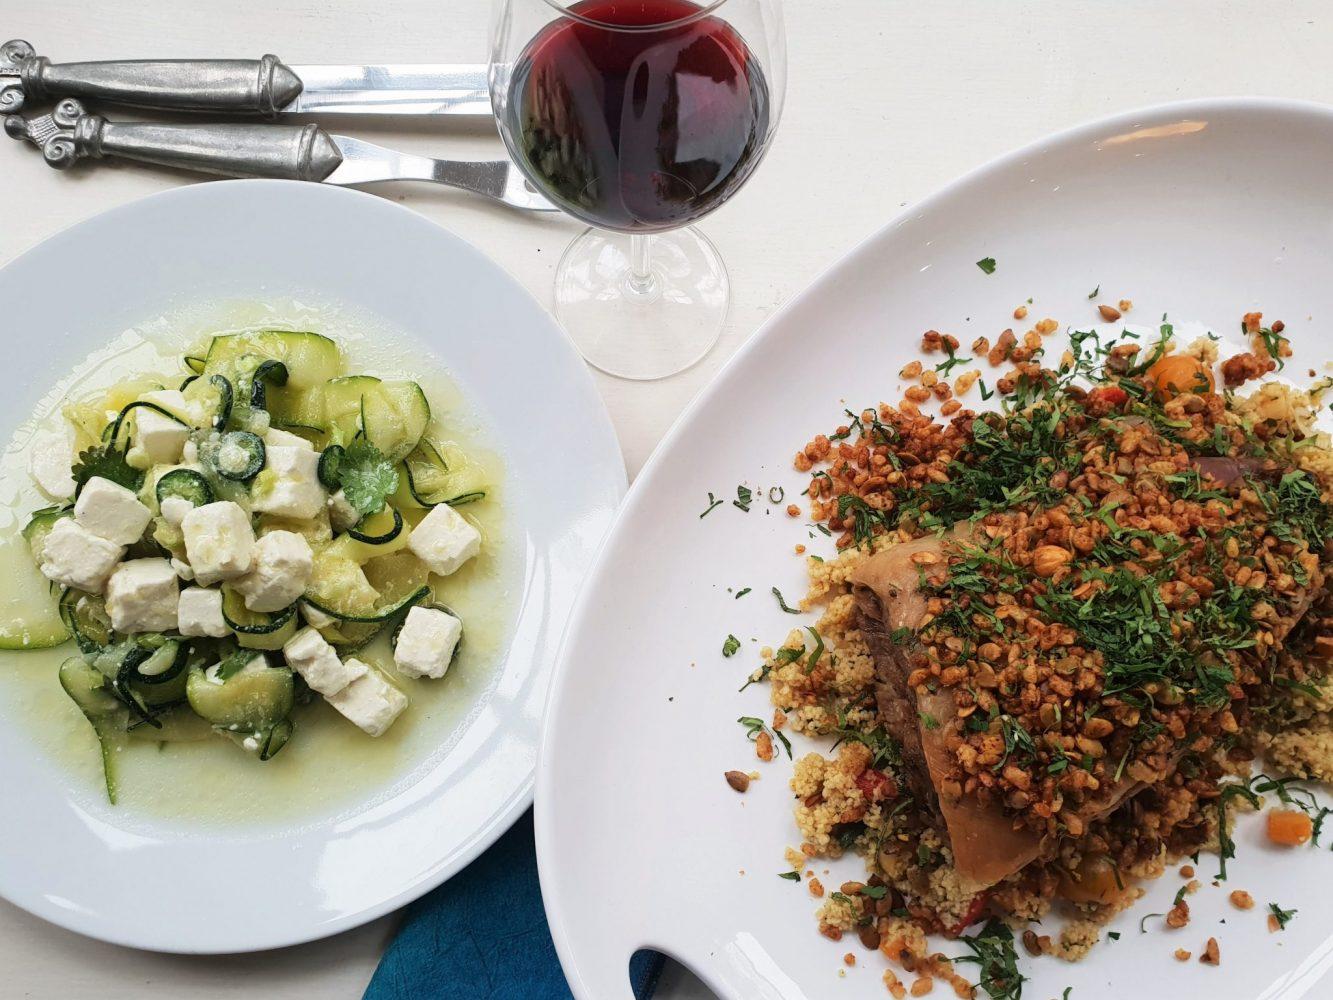 HAME lamb shoulder and courgette salad